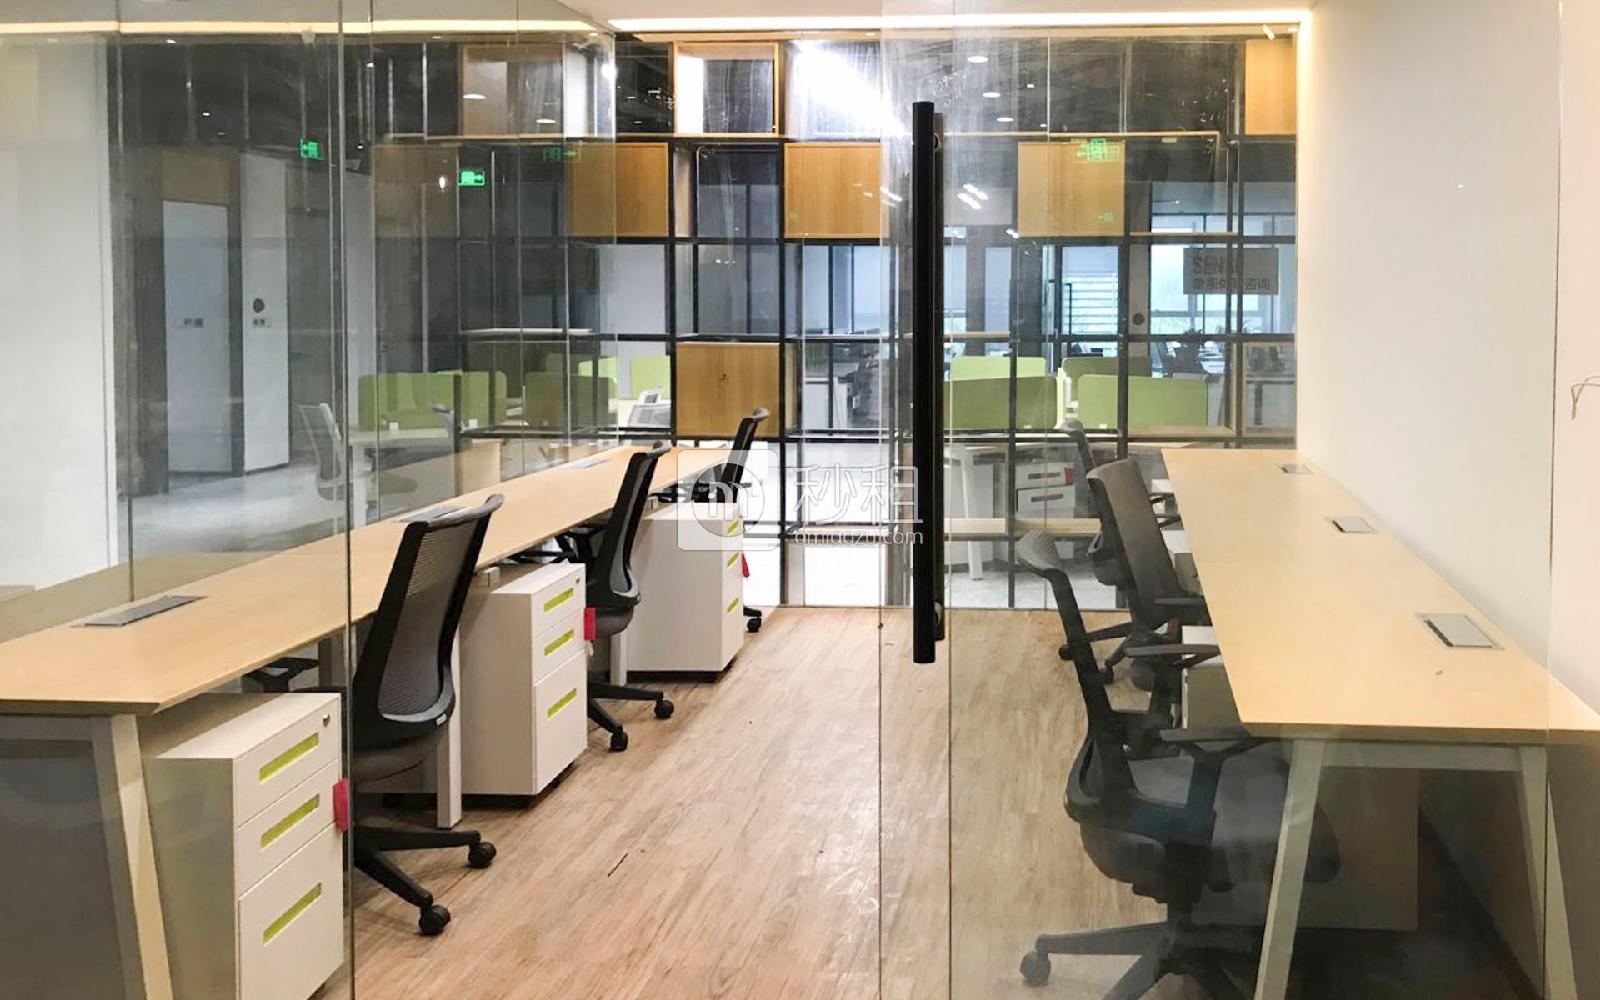 U&P联合工社-新视艺创客公园写字楼出租30平米精装办公室9600元/间.月